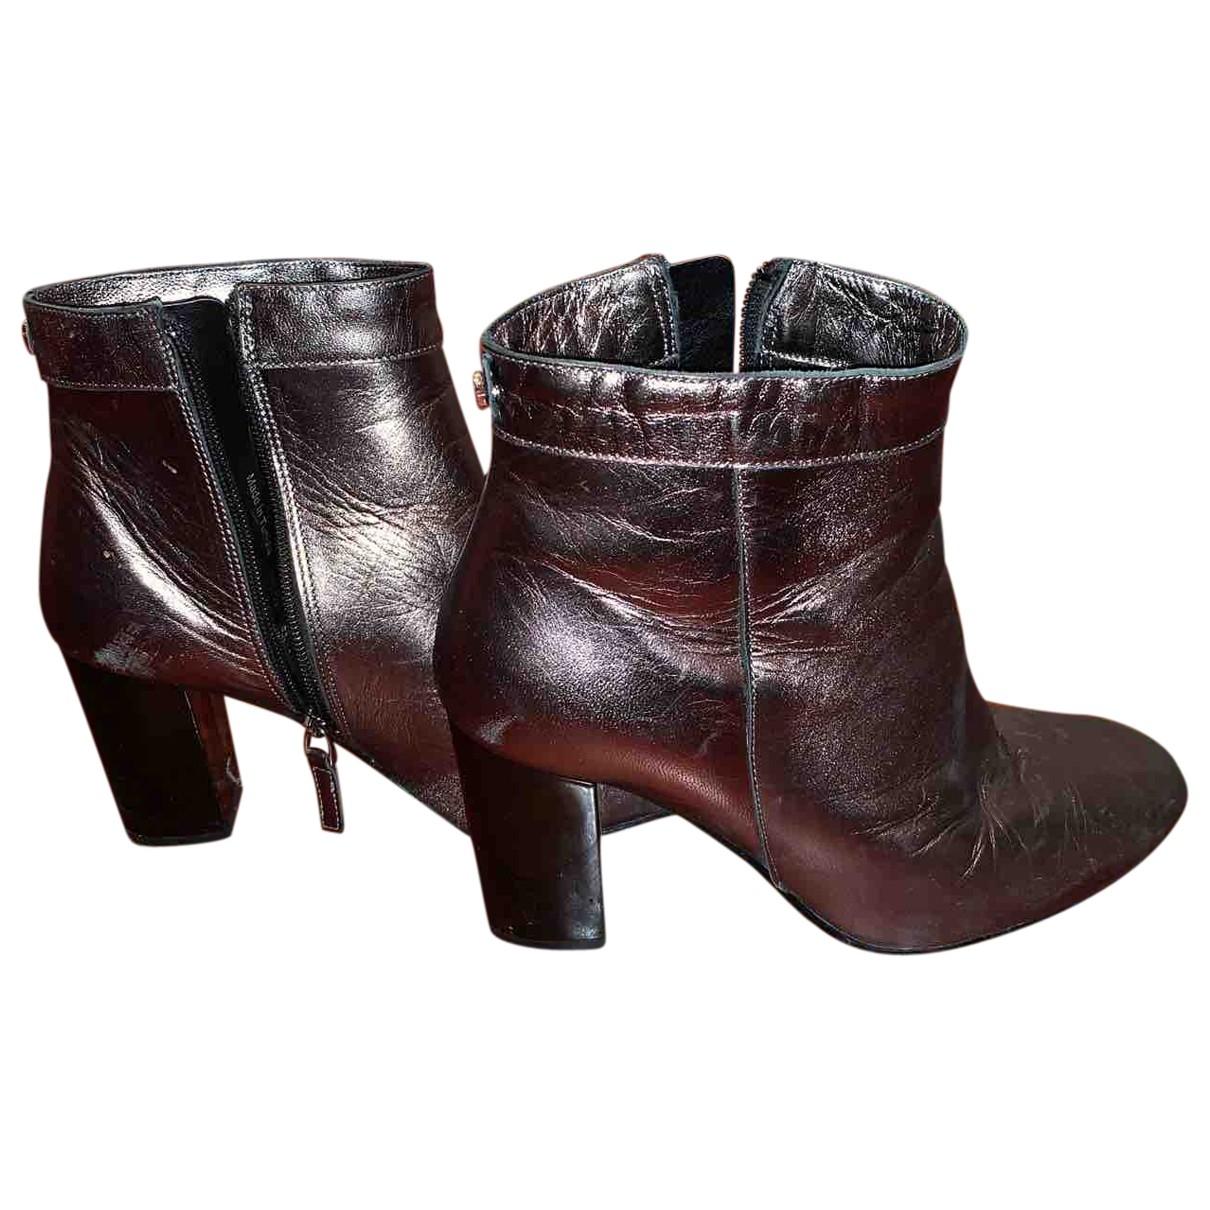 Guess - Boots   pour femme en cuir - argente